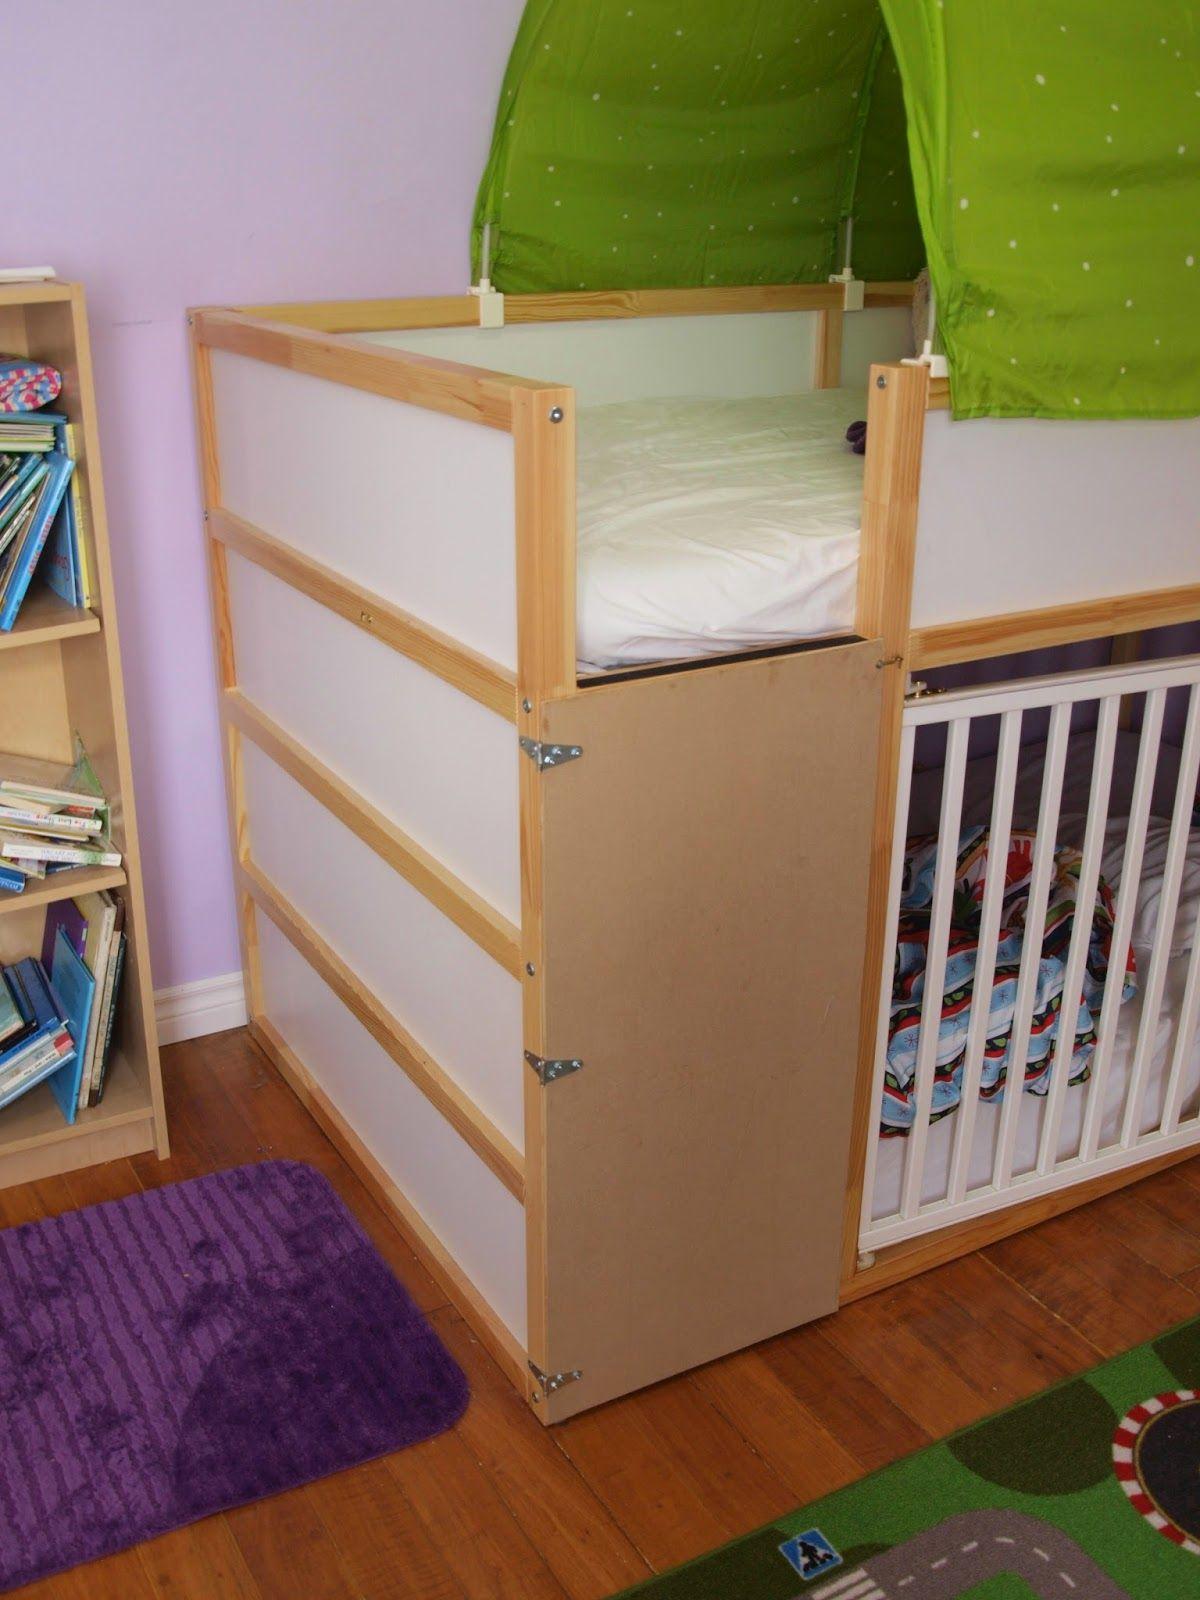 3 Bp Blogspot Com Iwuuwz7ezzo Vws1pmmliji Aaaaaaaaj40 Lie2qi6cob0 S1600 P5269621 Jpg Diy Bunk Bed Bunk Bed Crib Ikea Bunk Bed